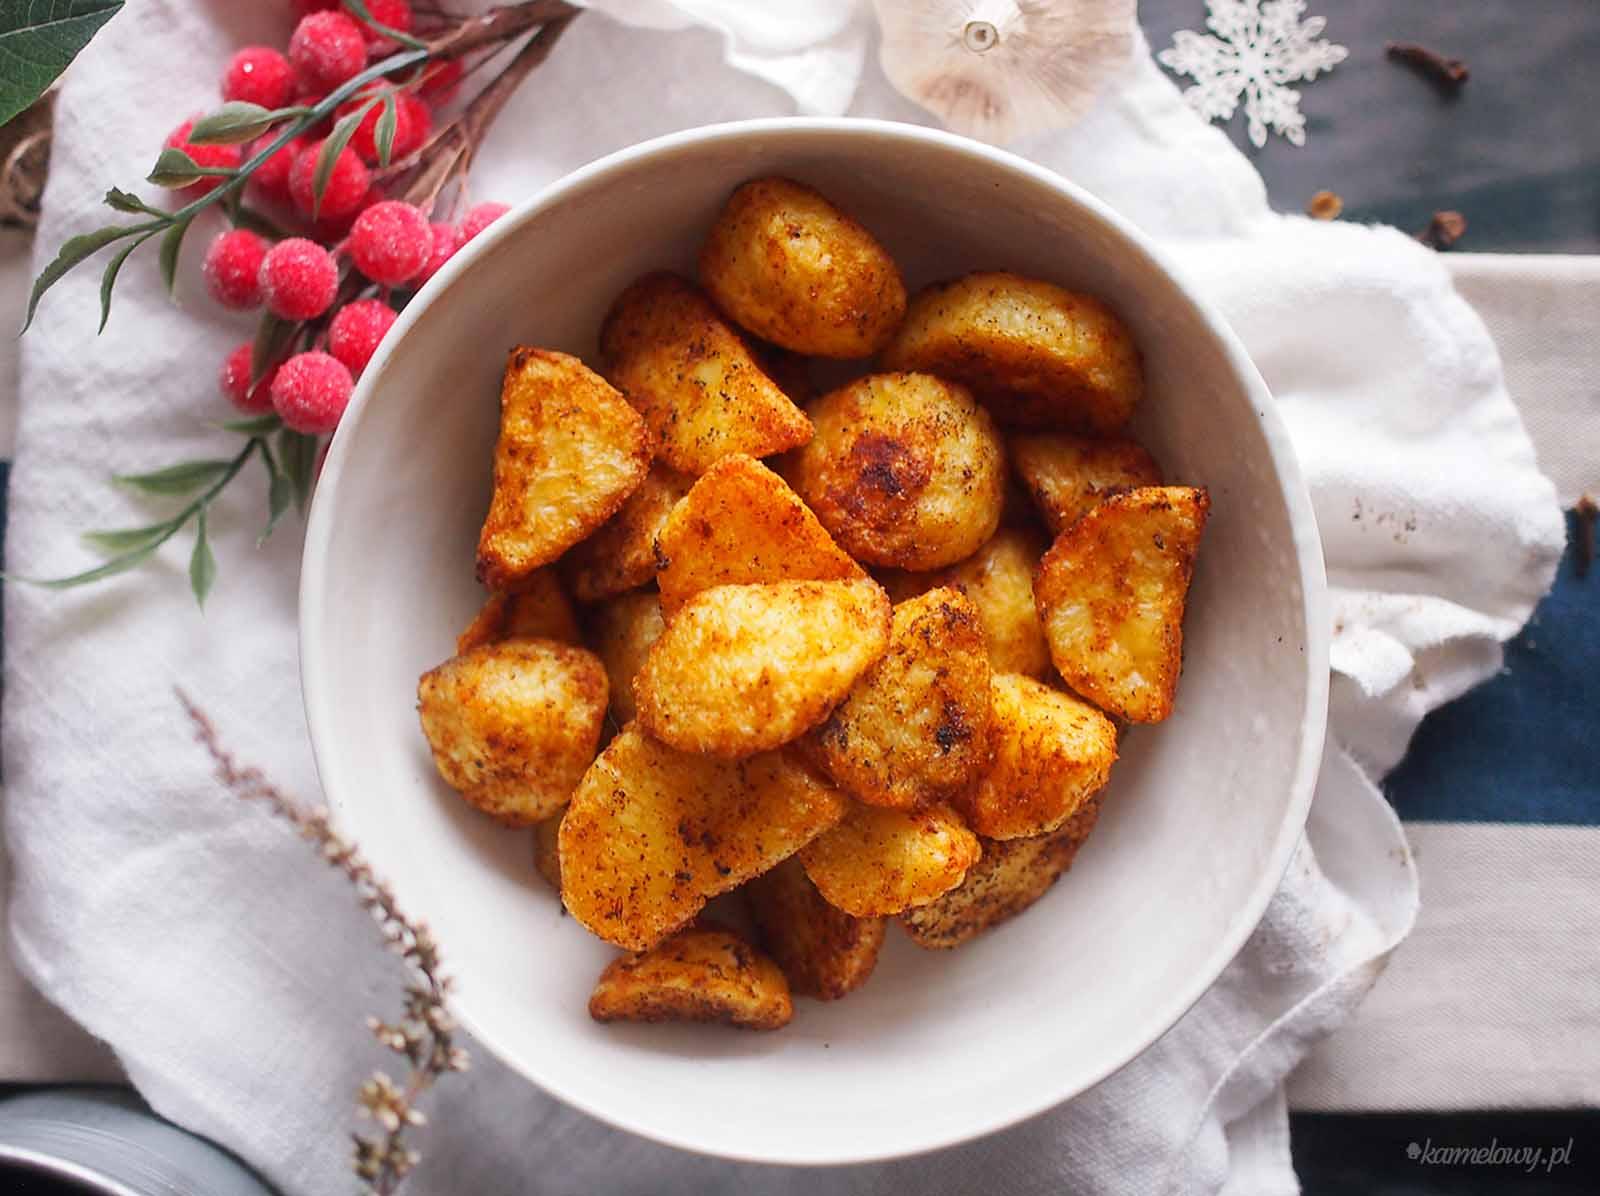 Pieczone-ziemniaki-z-wedzona-papryka-Paprika-roasted-potatoes